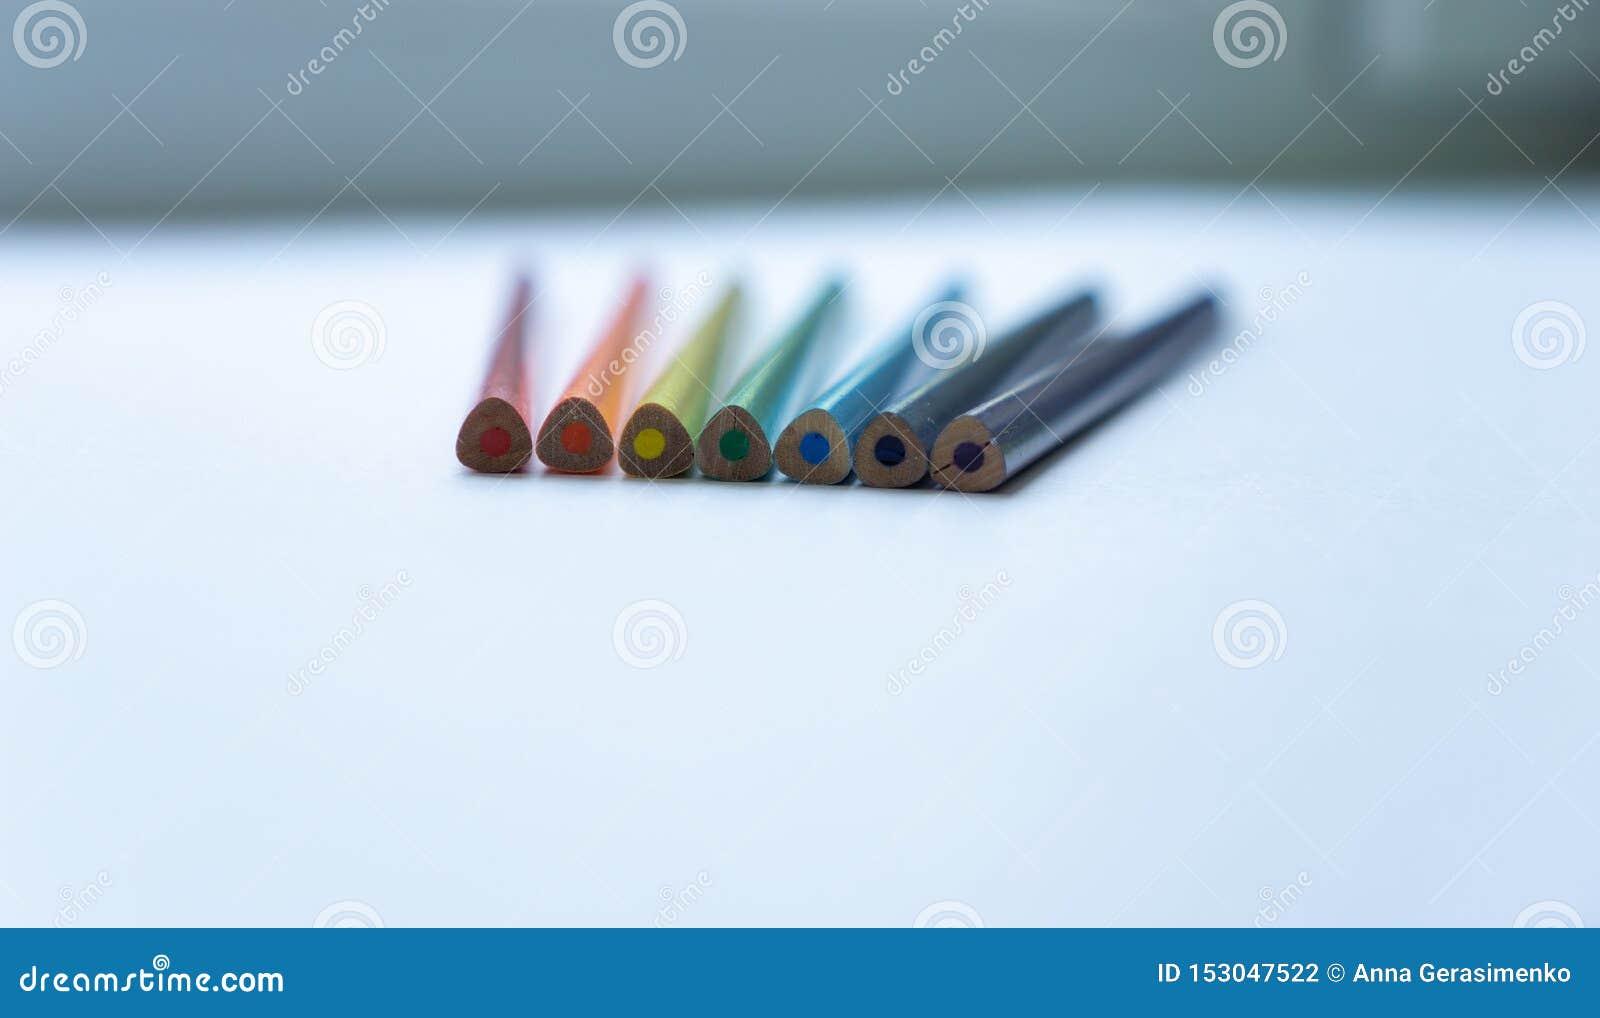 Σύνολο επτά μην ακονισμένων τόξο-χρωματισμένων μολυβιών σε ένα άσπρο υπόβαθρο r